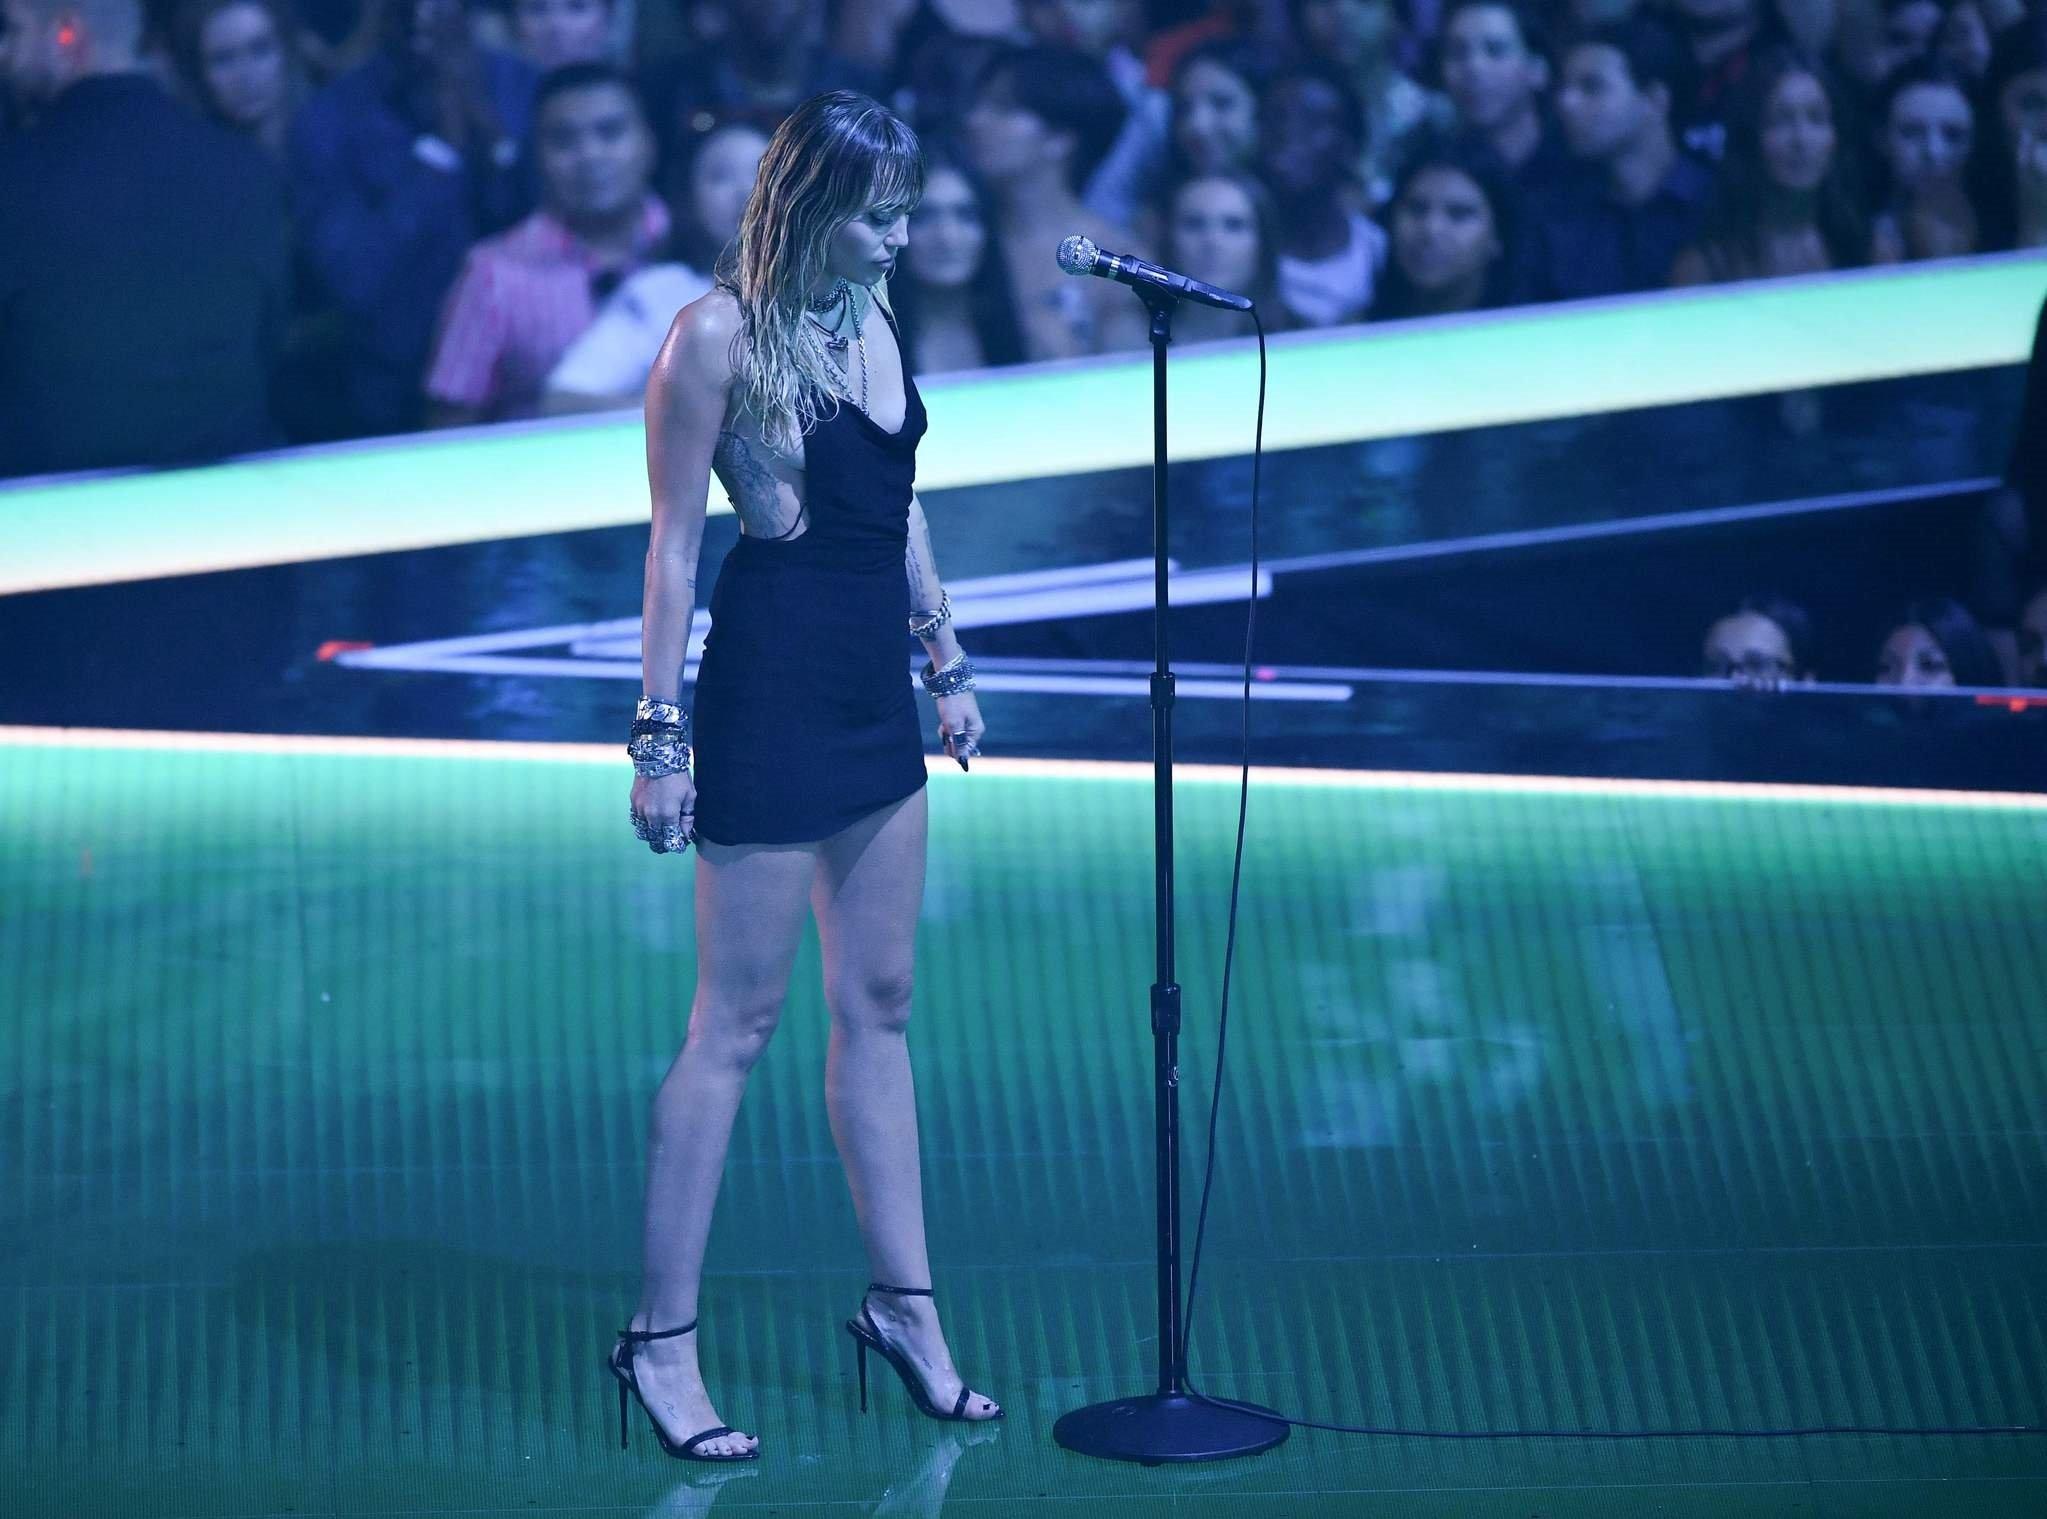 MİLEY CYRUS'IN DRAMATİK 2019 MTV PERFORMANSI